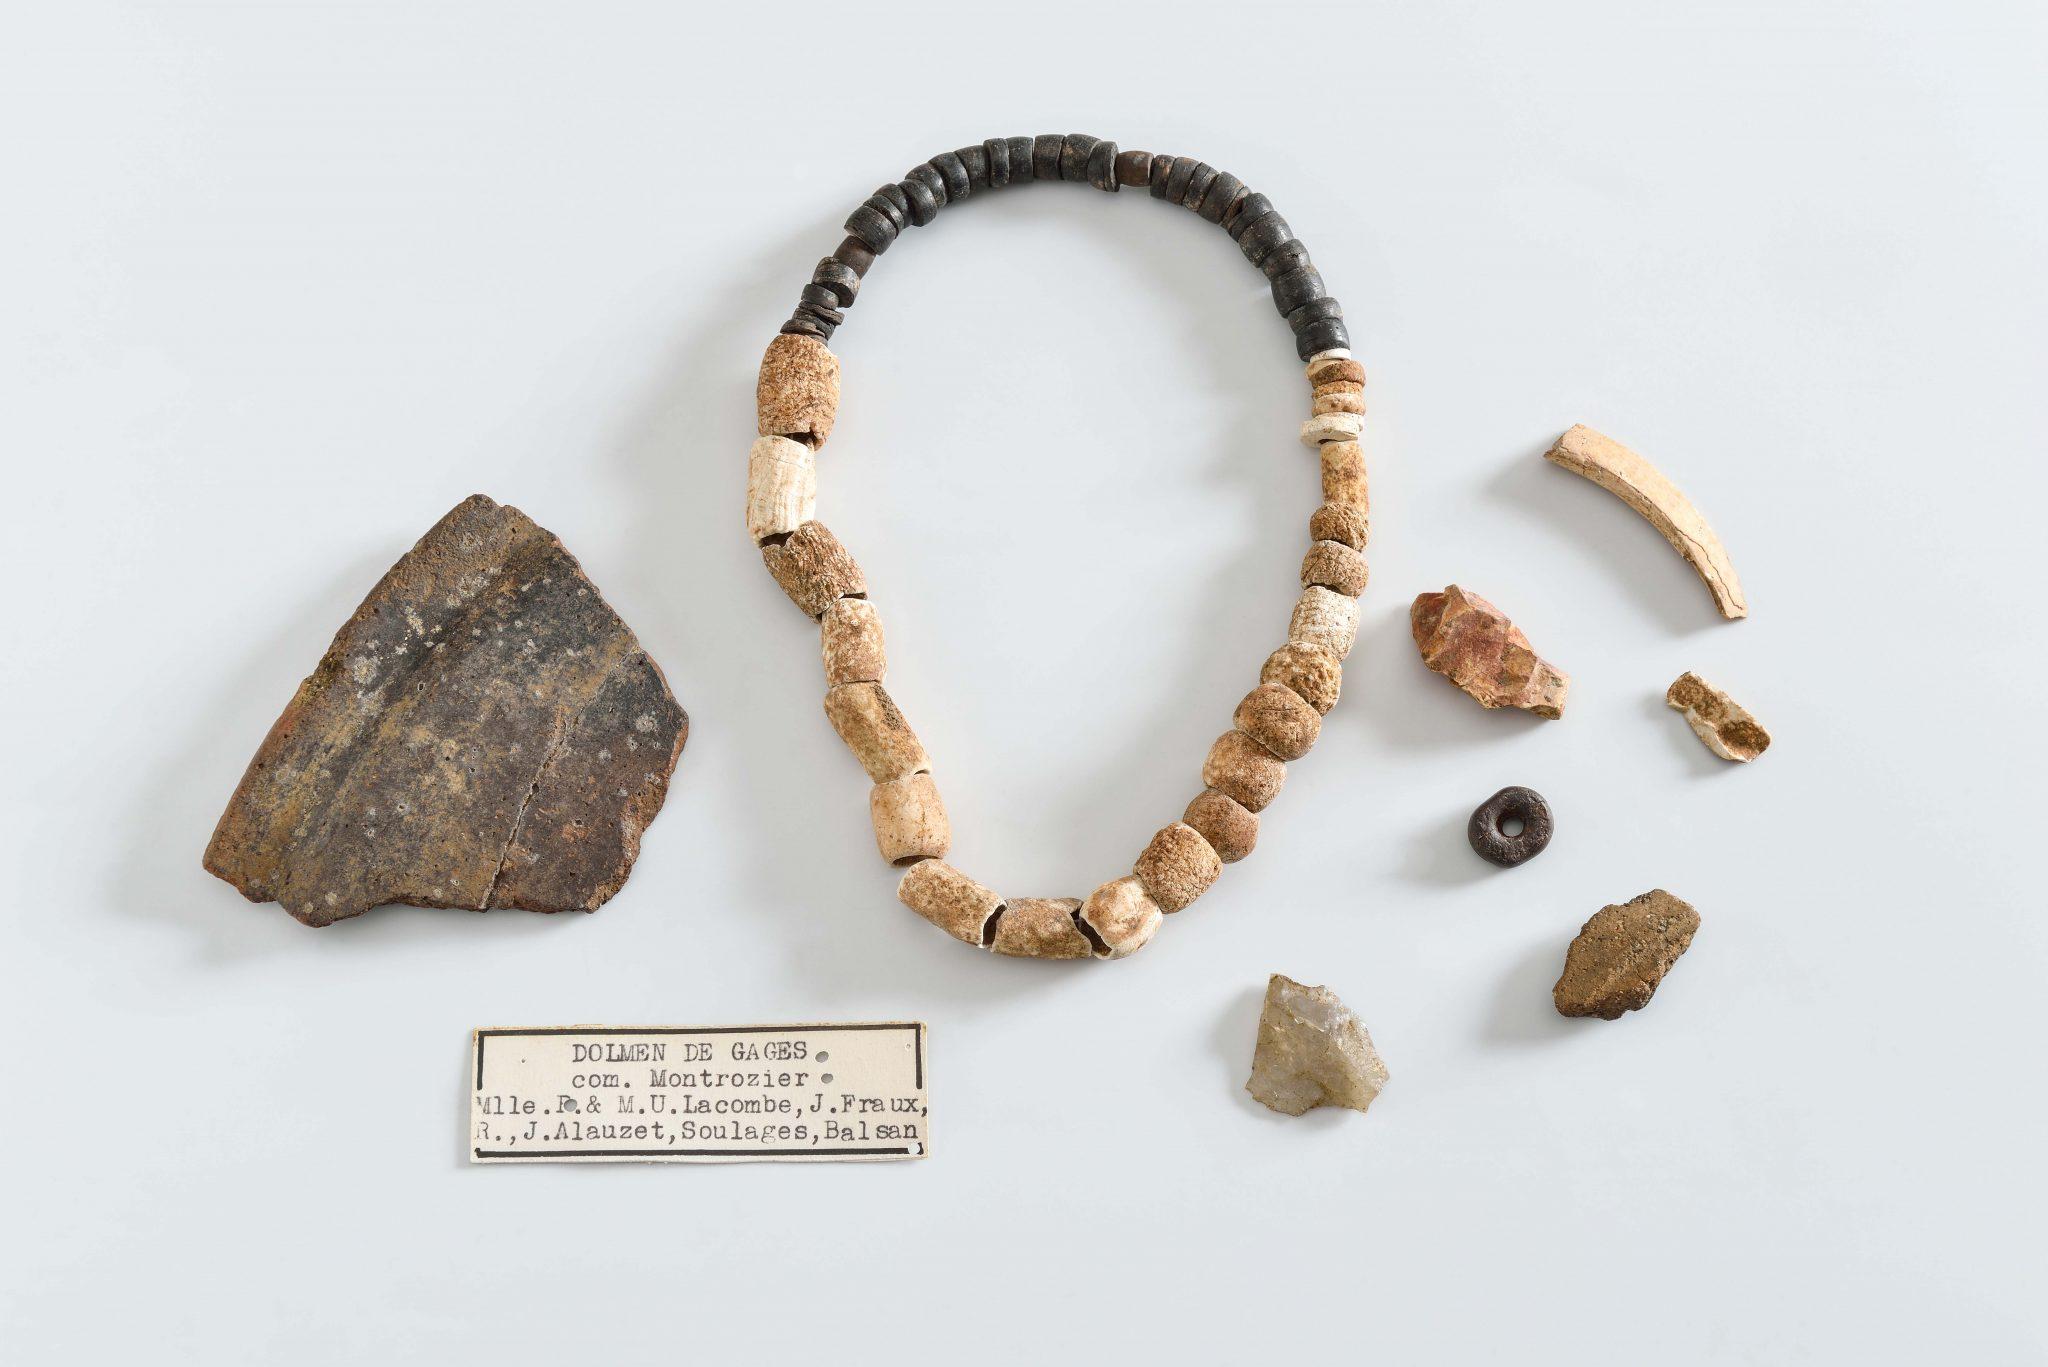 Mobilier préhistorique découvert dans le dolmen de Gages (Aveyron) en 1940 par Pierre Soulages et l'équipe de fouille, Néolithique final, musée Fenaille – Rodez (coll. SLSAA), photo T. Estadieu